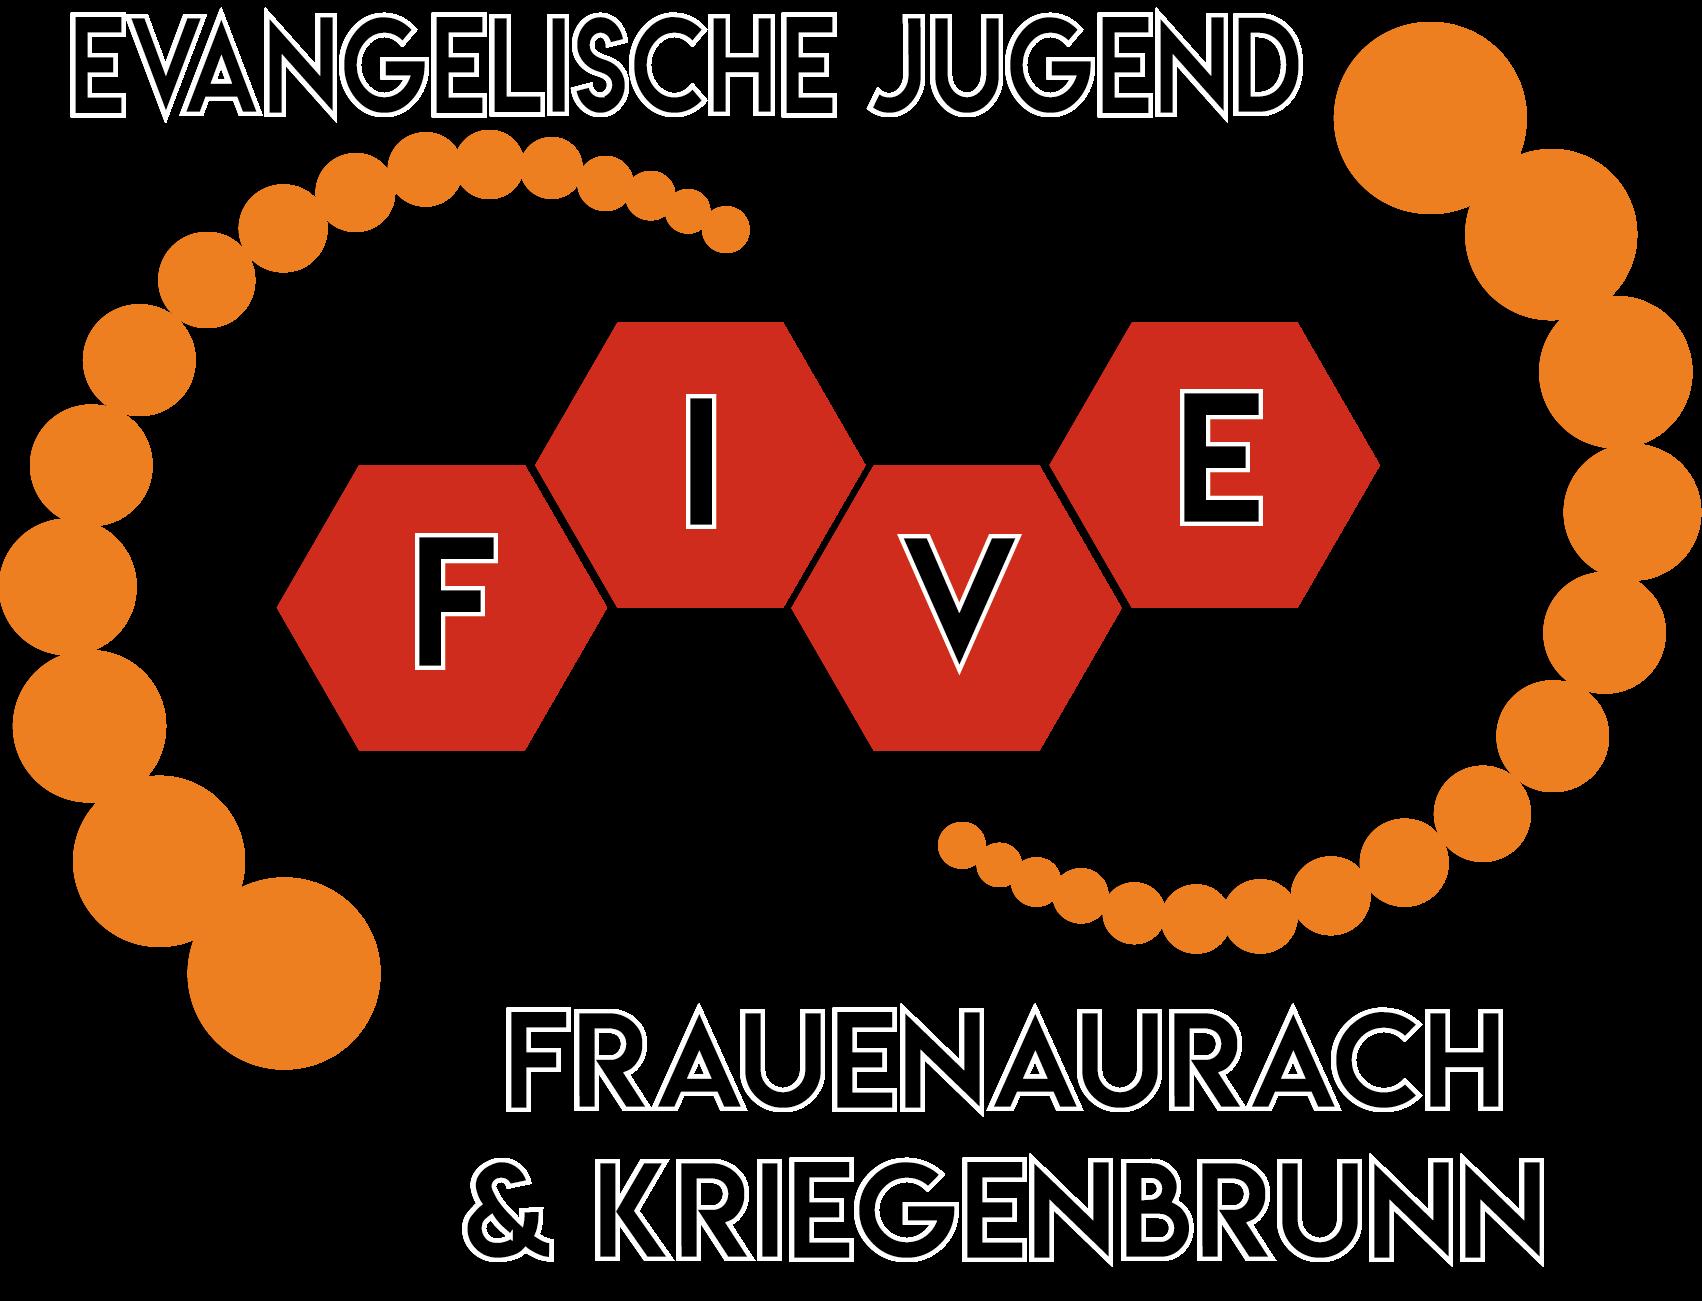 Ev. Jugend Frauenaurach und Kriegenbrunn